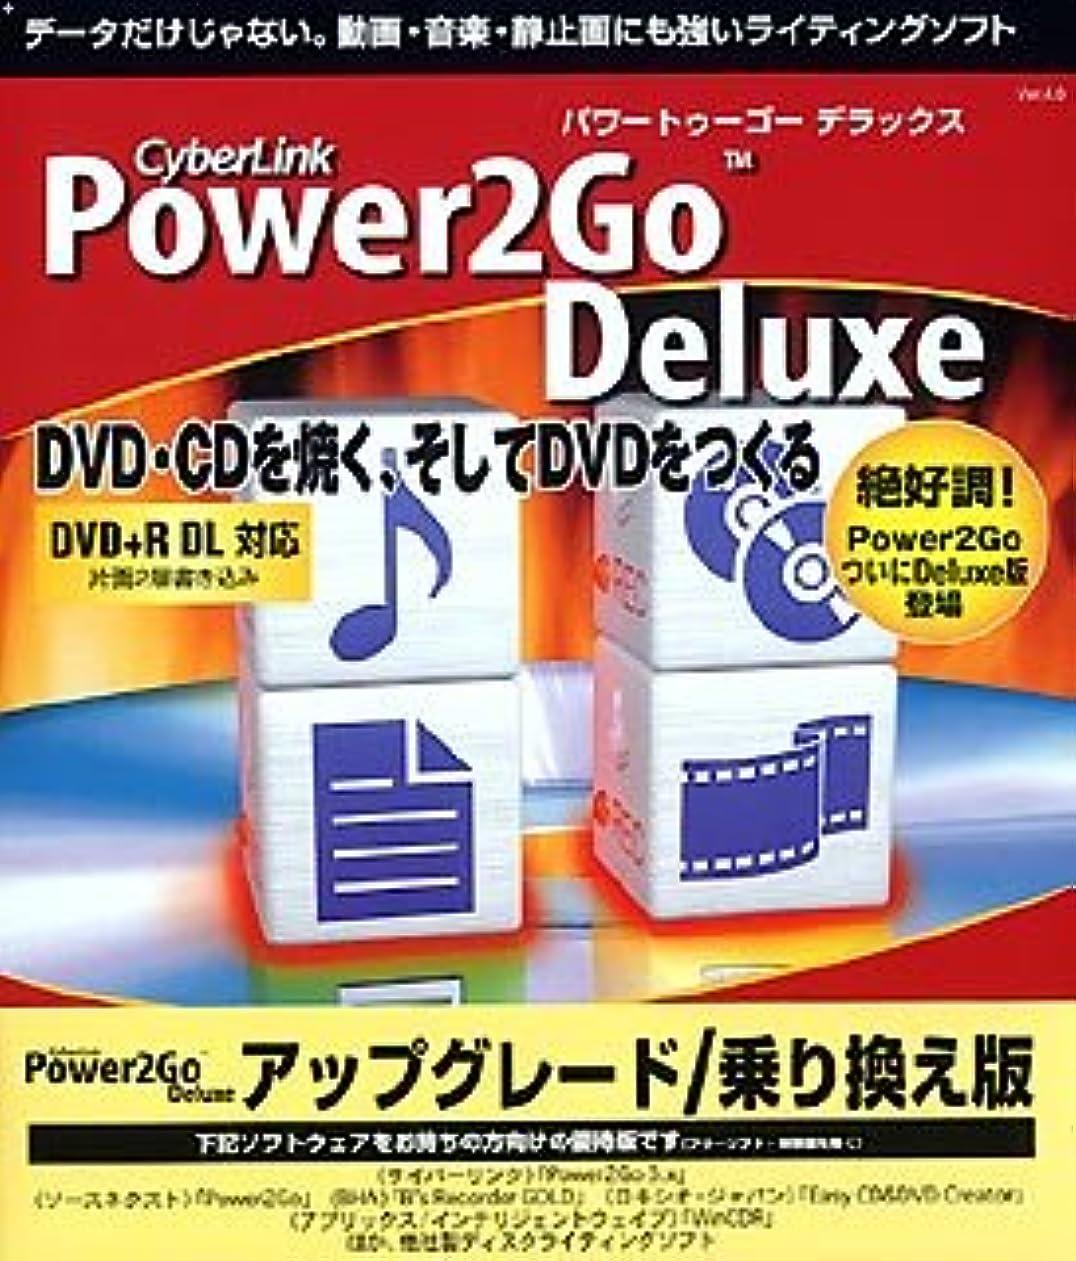 魂威信で出来ているPower2Go Deluxe アップグレード/乗り換え版